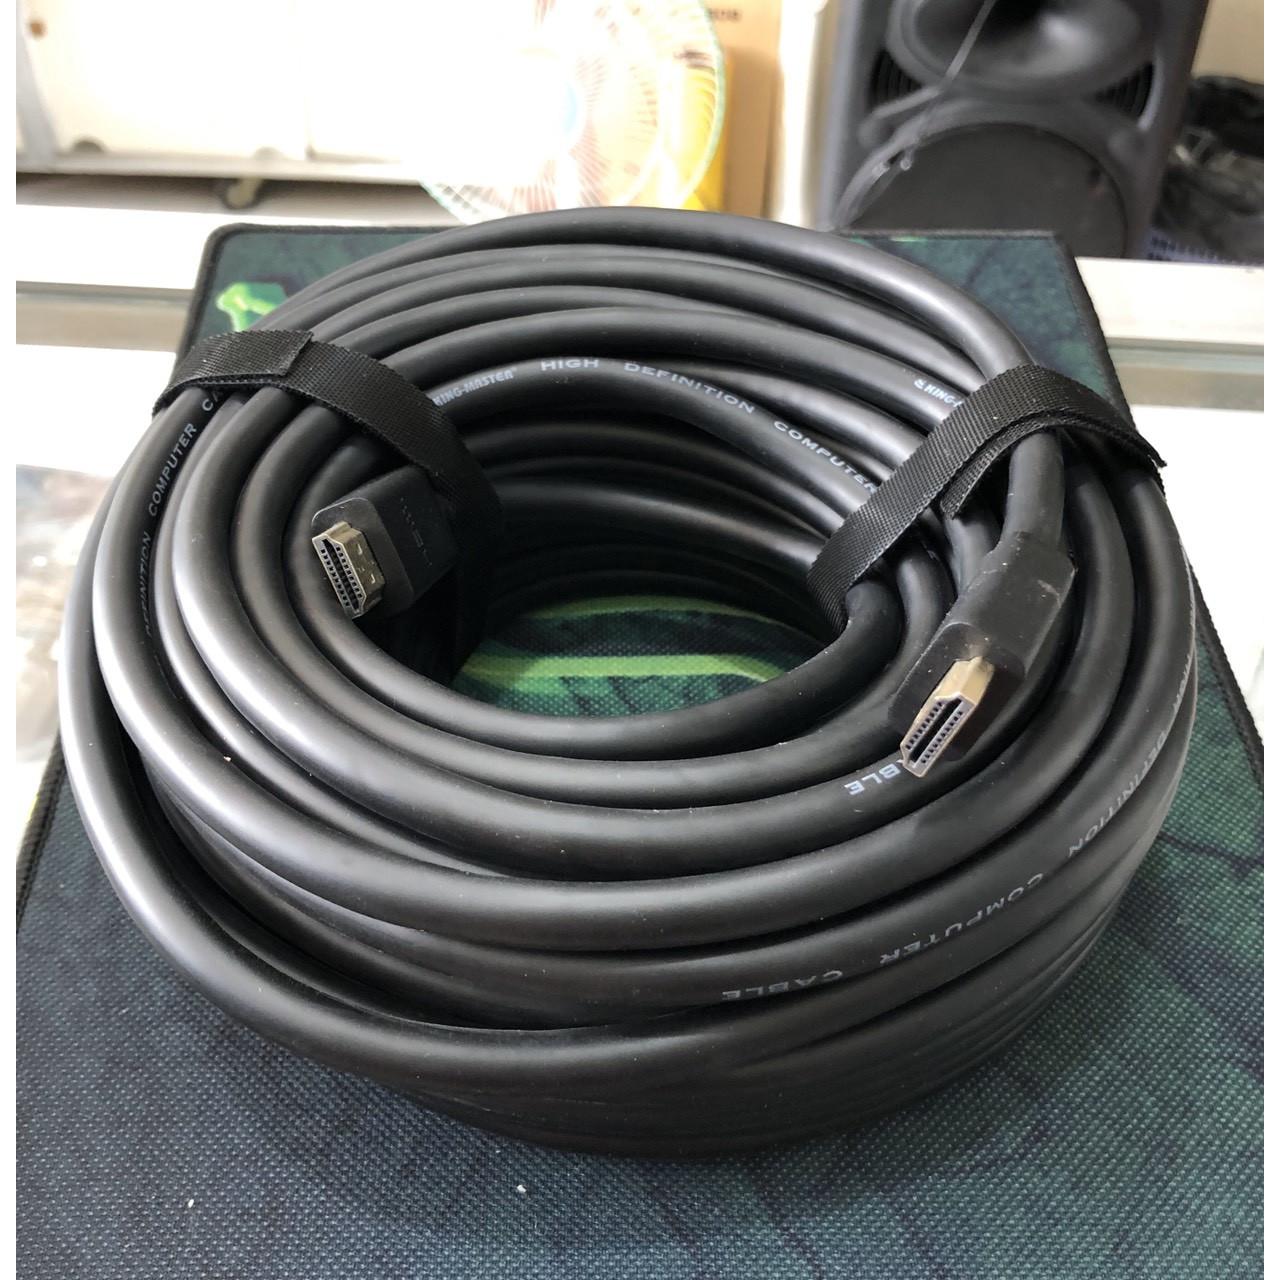 Cáp 2 đầu HDMI màu đen tốt dài 20 mét